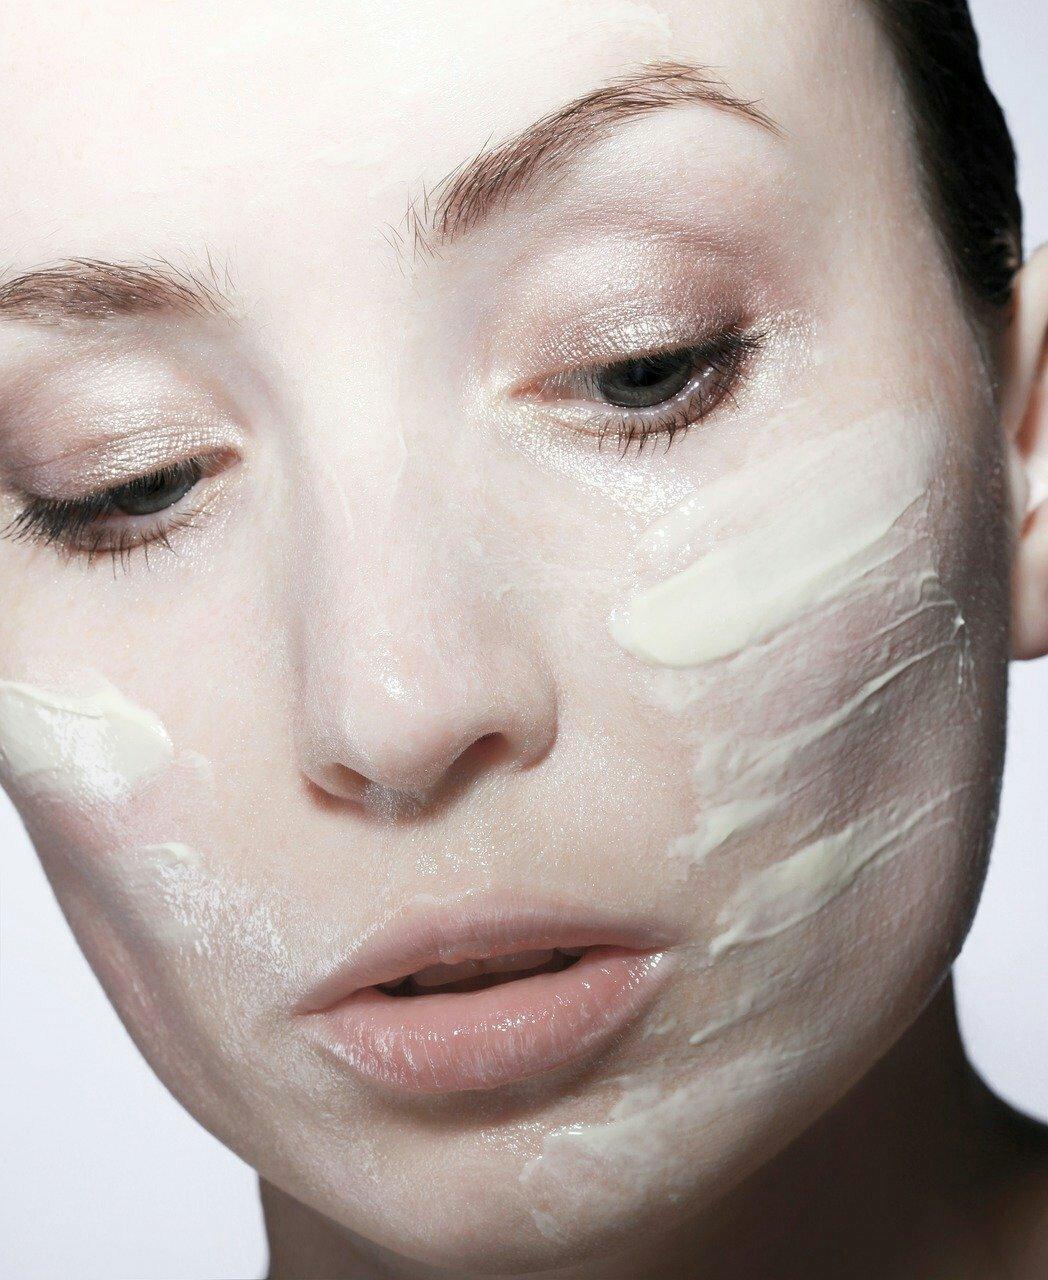 maschera contro il rilassamento cutaneo,